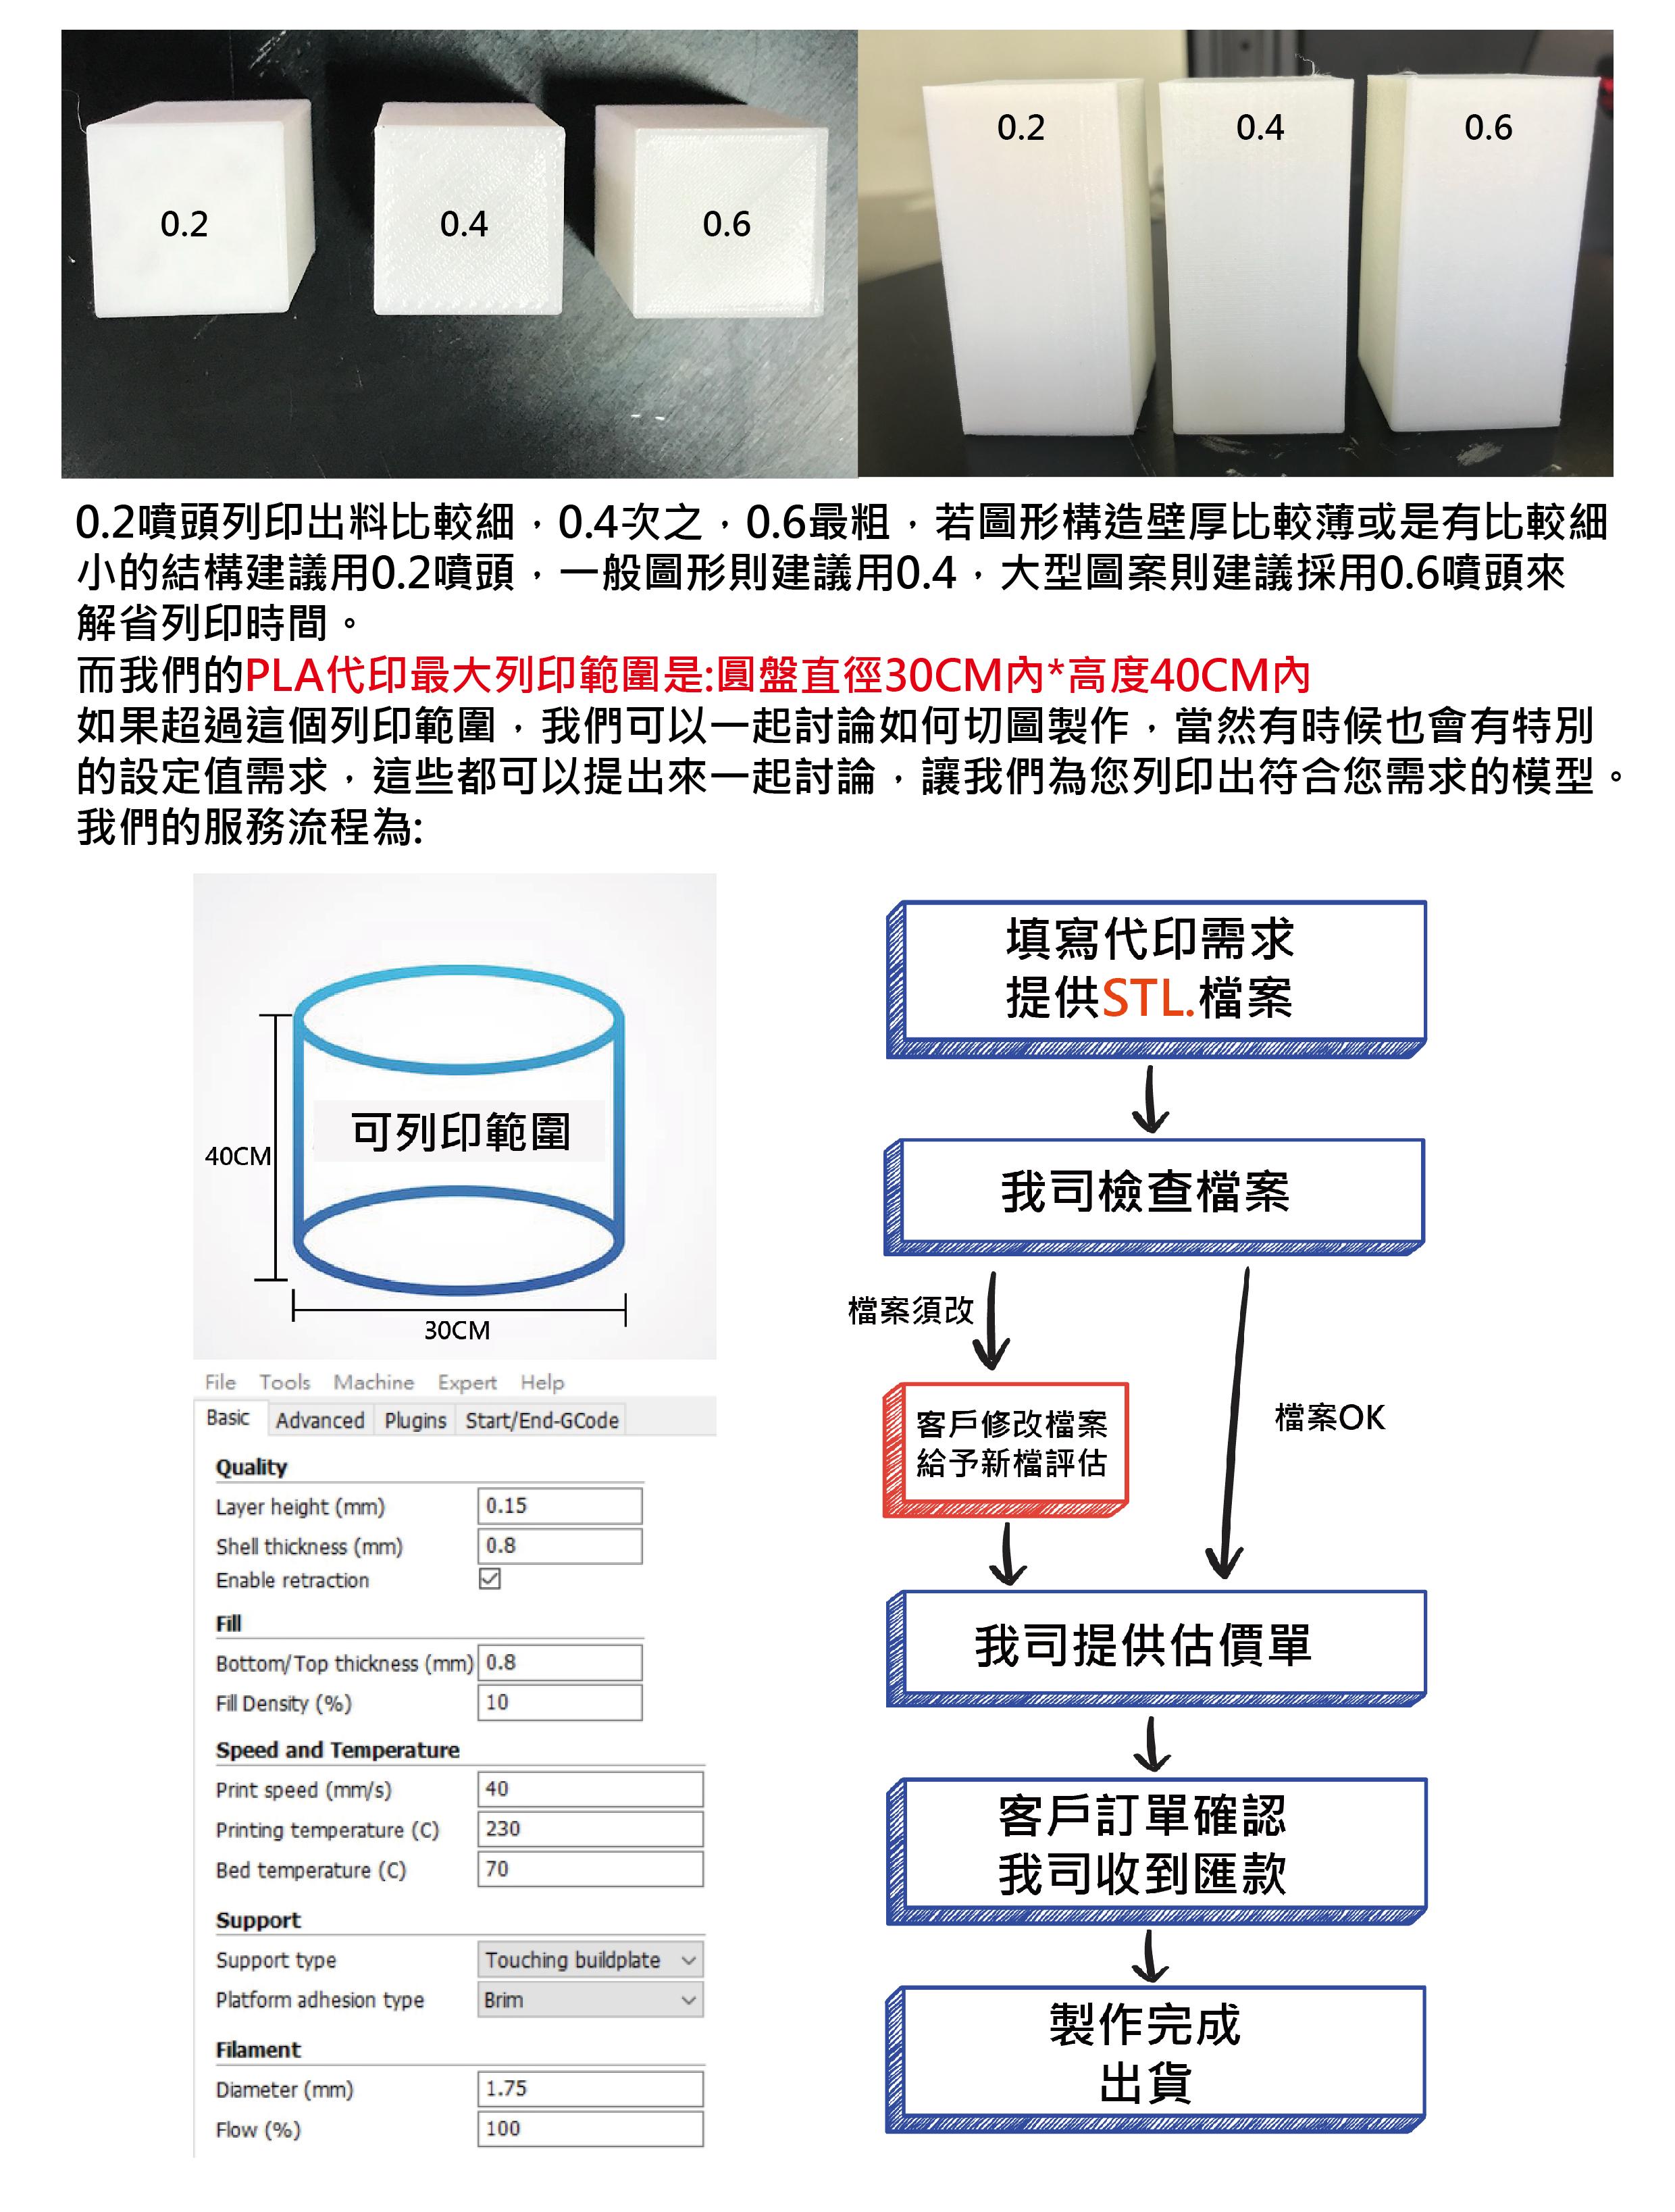 代印PLA全頁面2-01.jpg